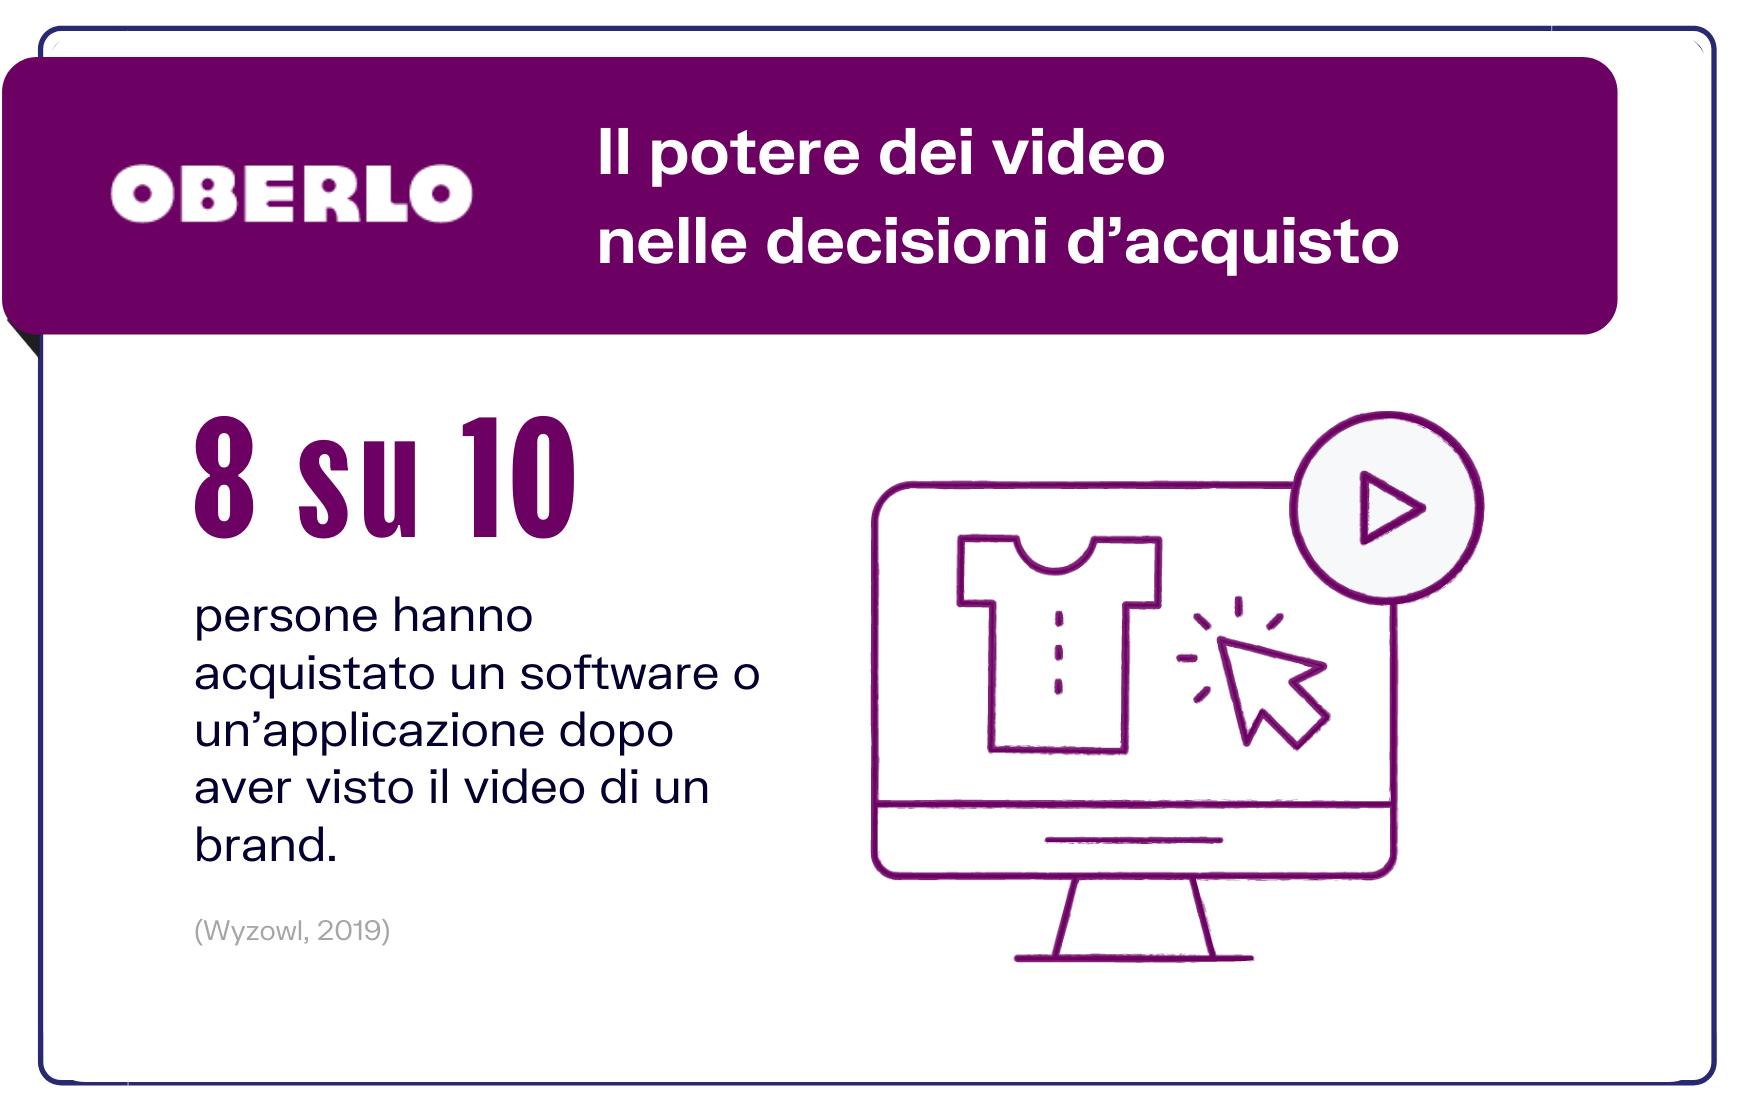 statistiche video marketing decisioni d'acquisto